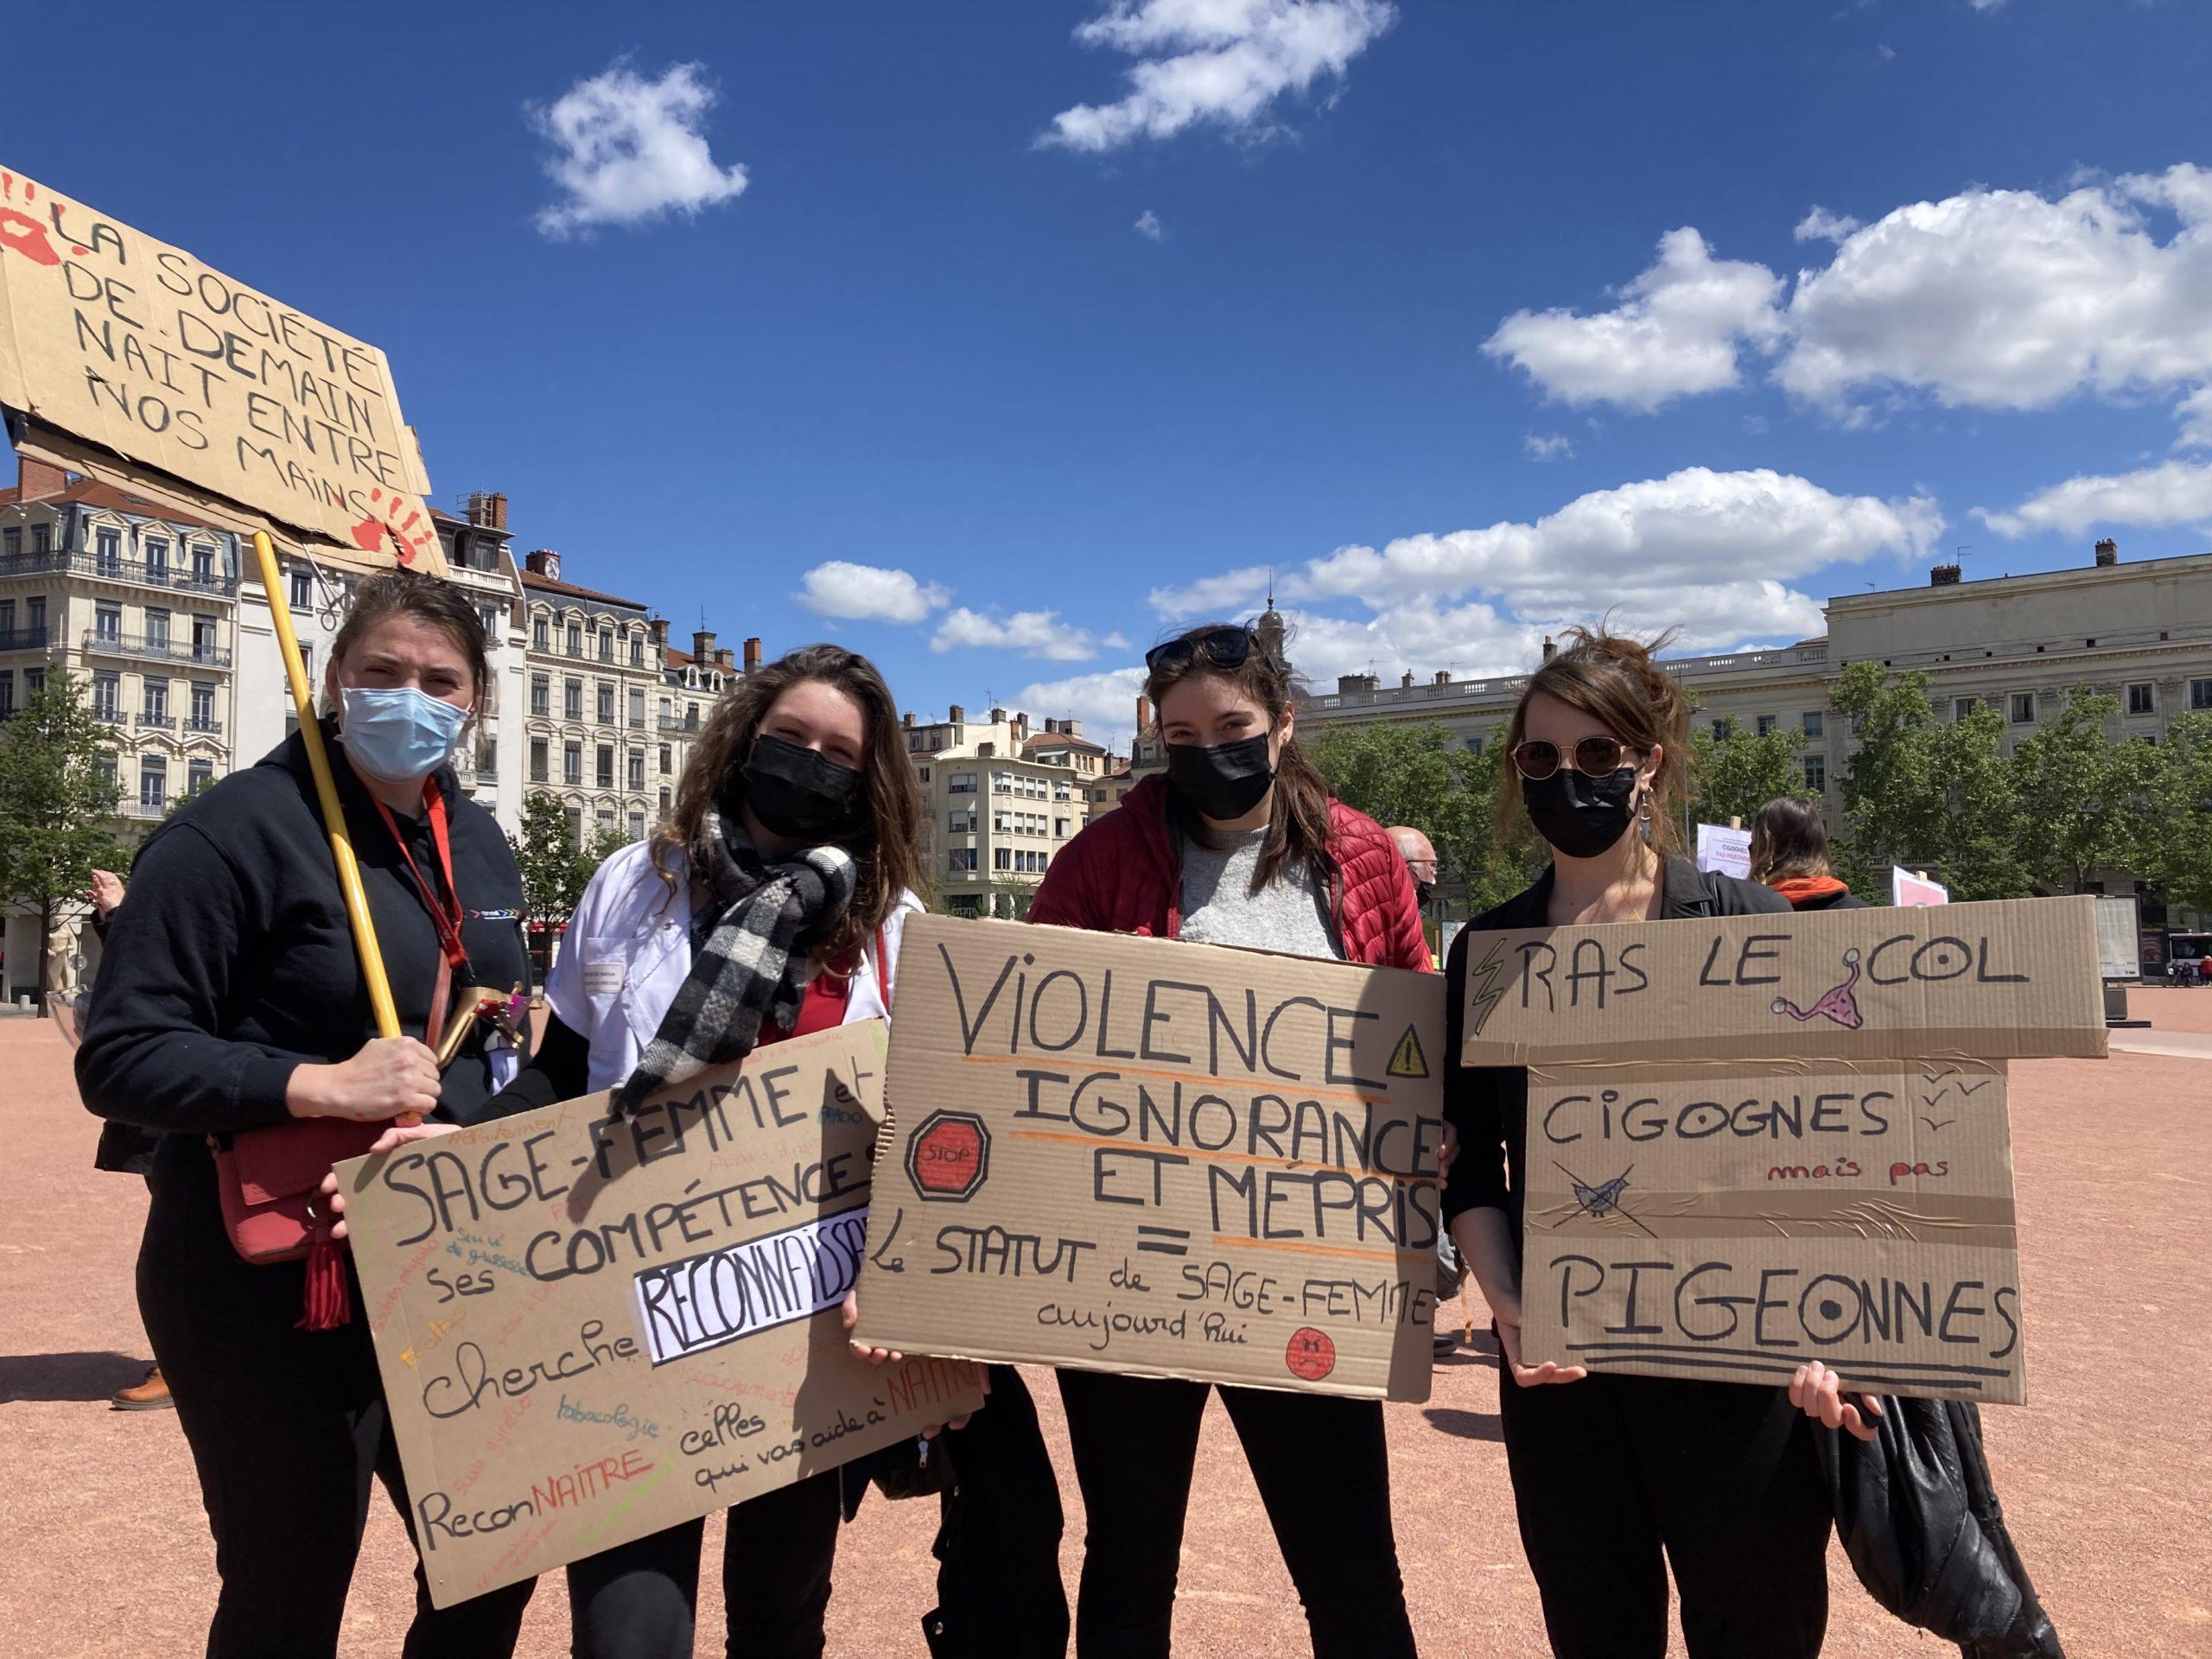 Sages-femmes en grève : « Ras le col !»